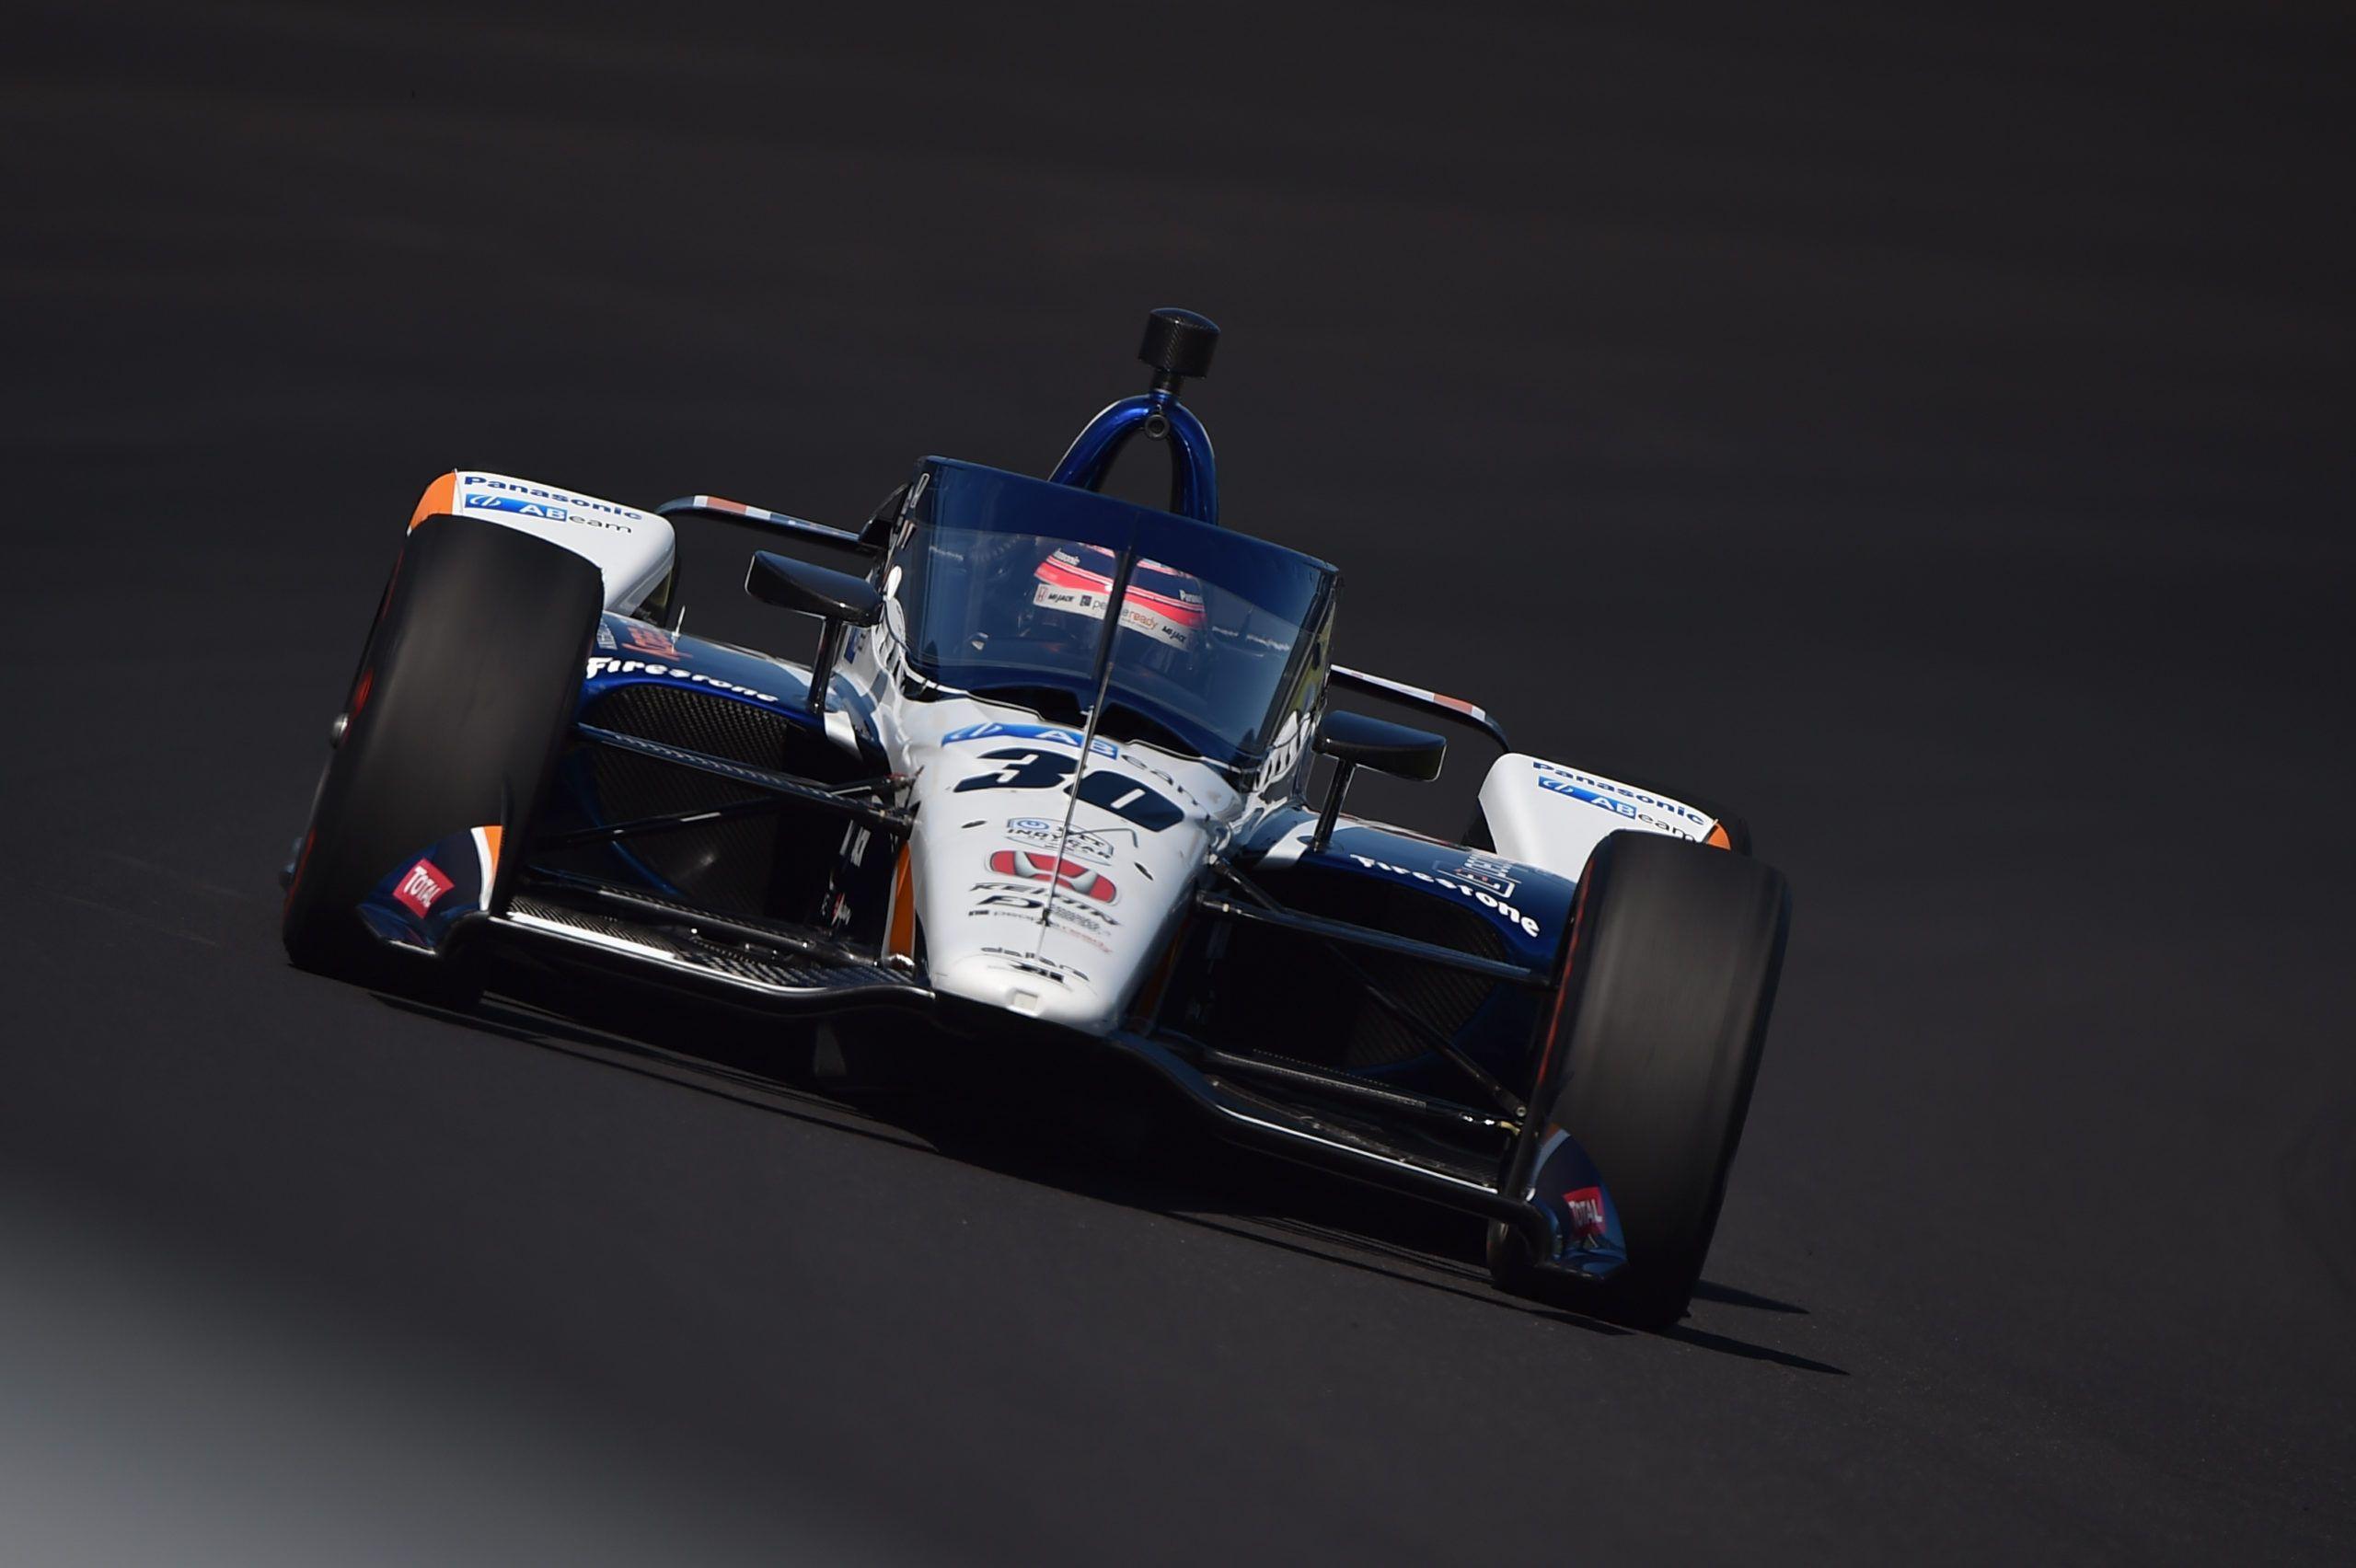 Takuma Sato, RLLR, Indy500